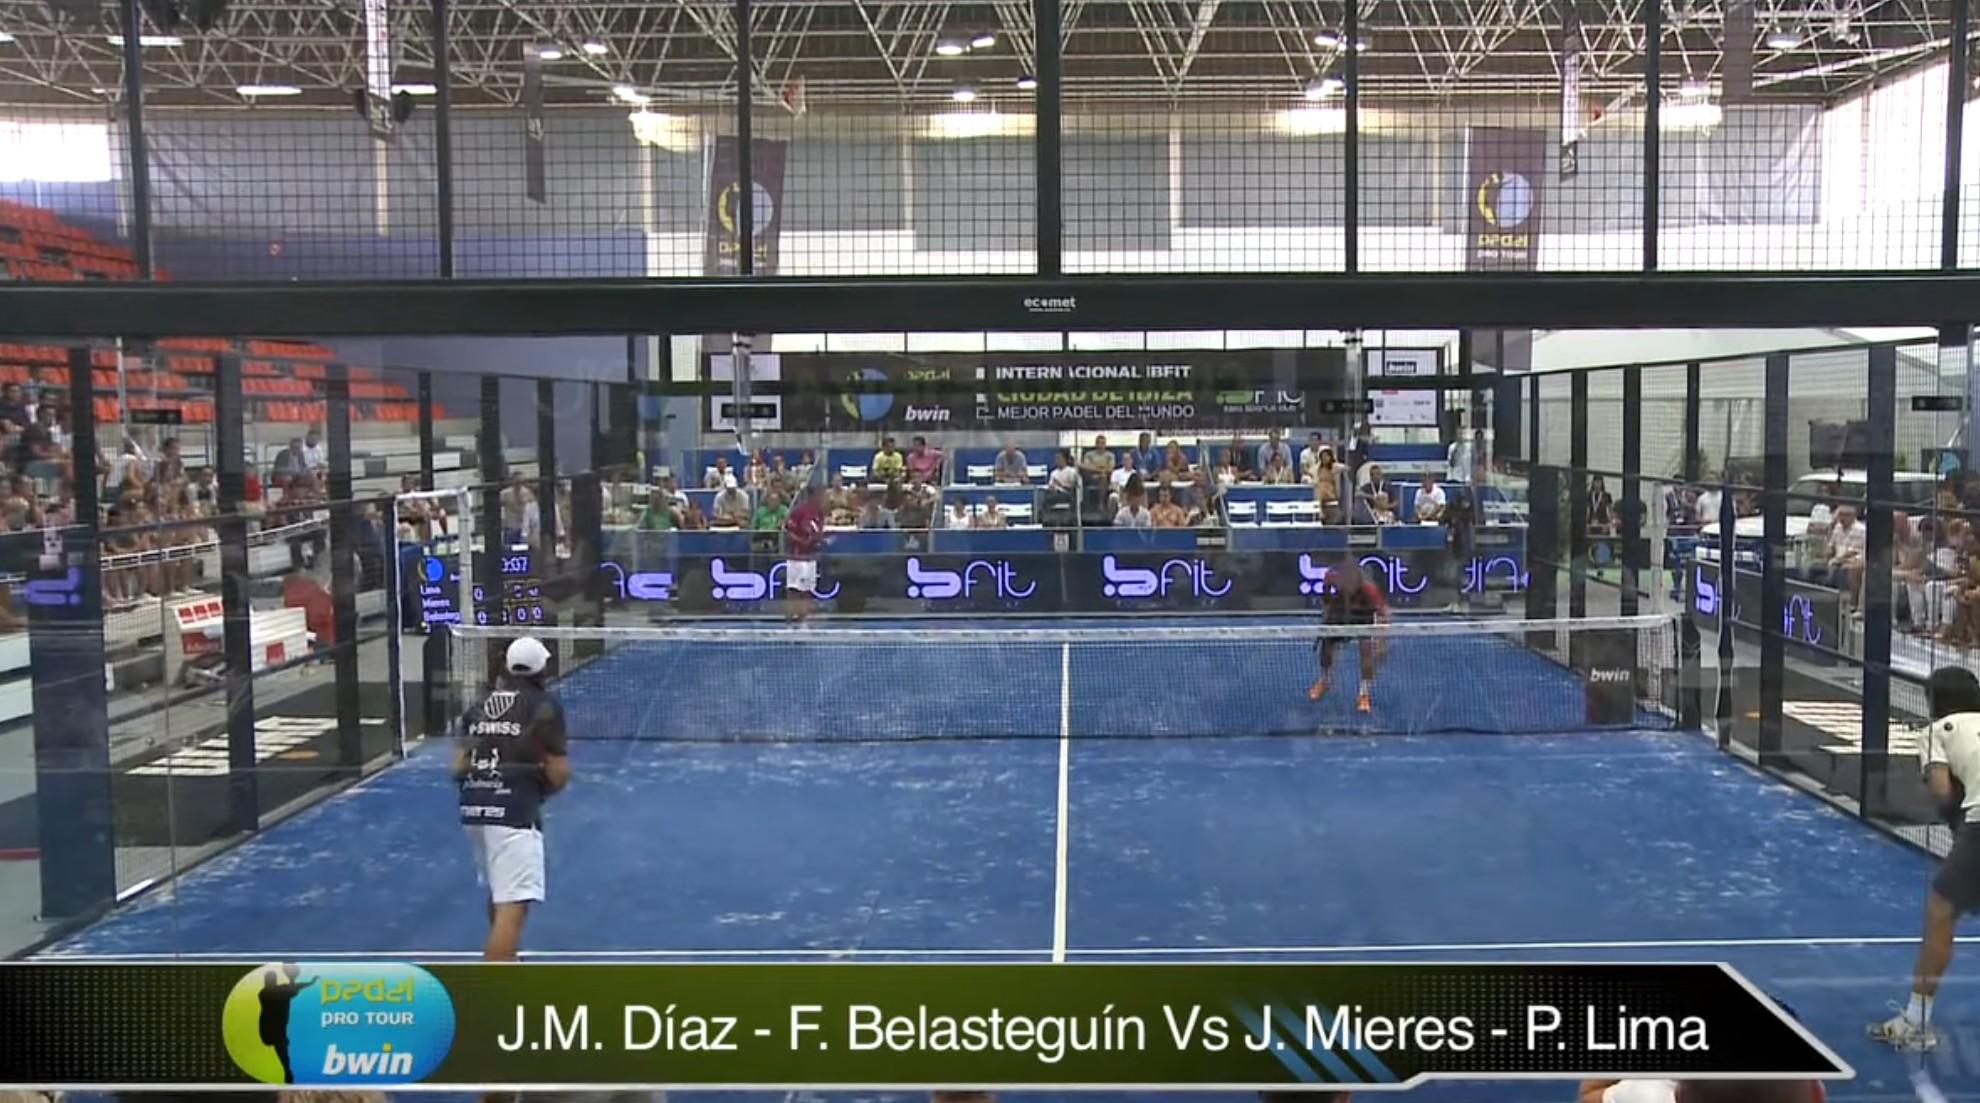 Finale – J.M. Díaz – F. Belasteguín Vs J. Mieres – P. Lima – Padelpro tour ibiza 2012